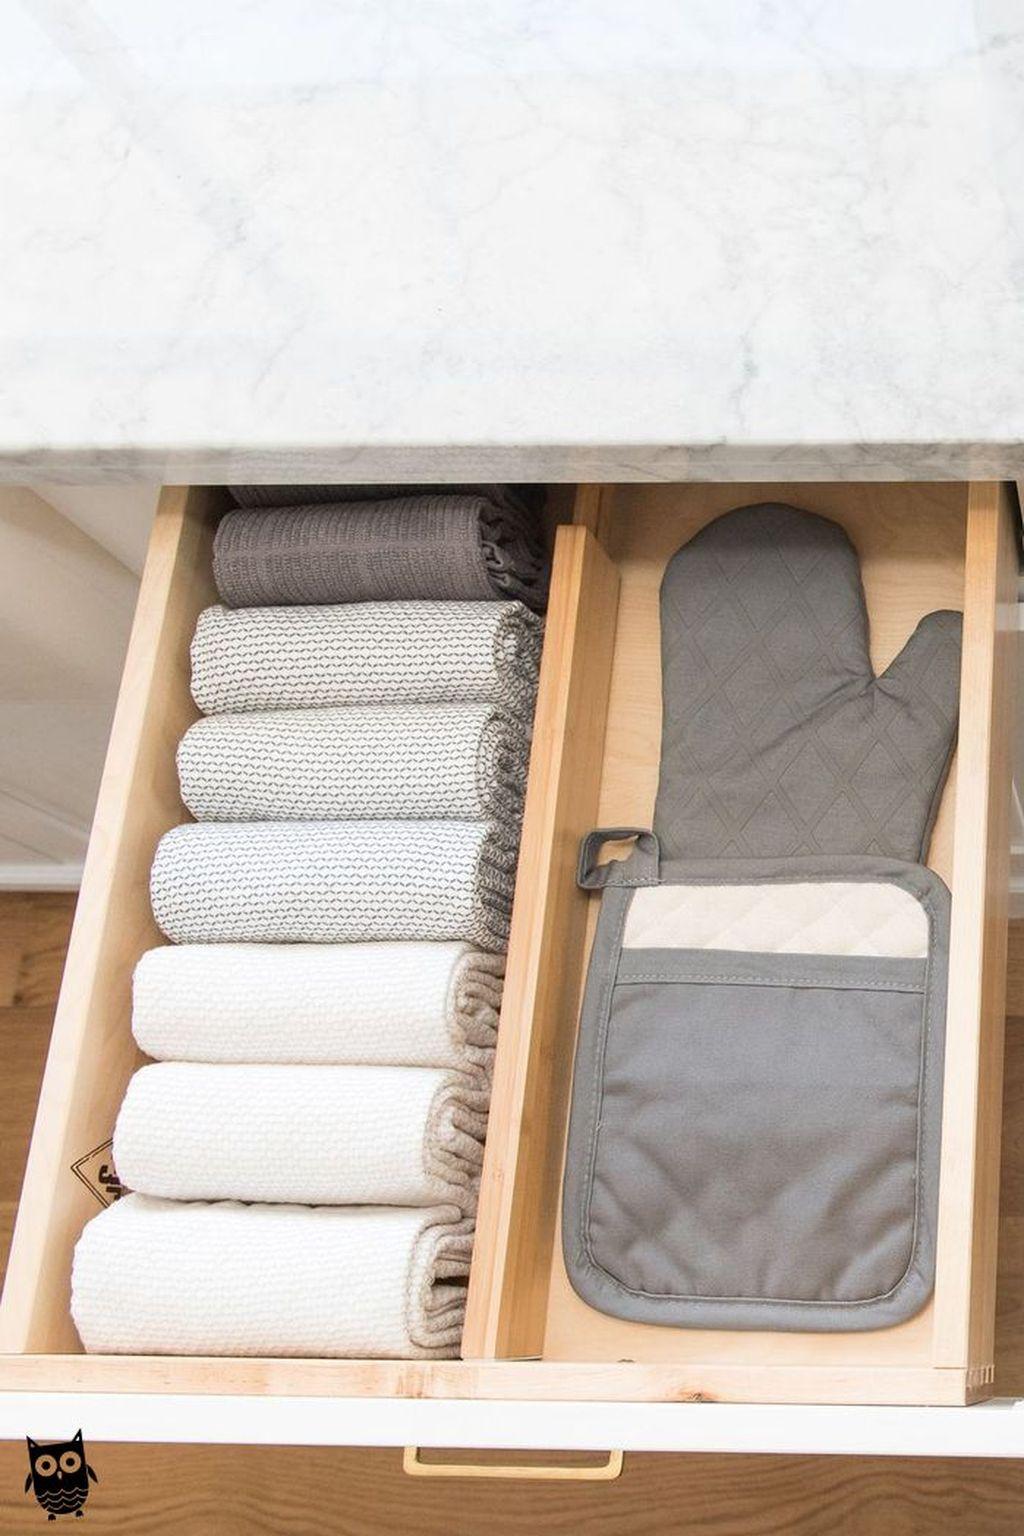 Best Design Ideas For Kitchen Organization Cabinets 31